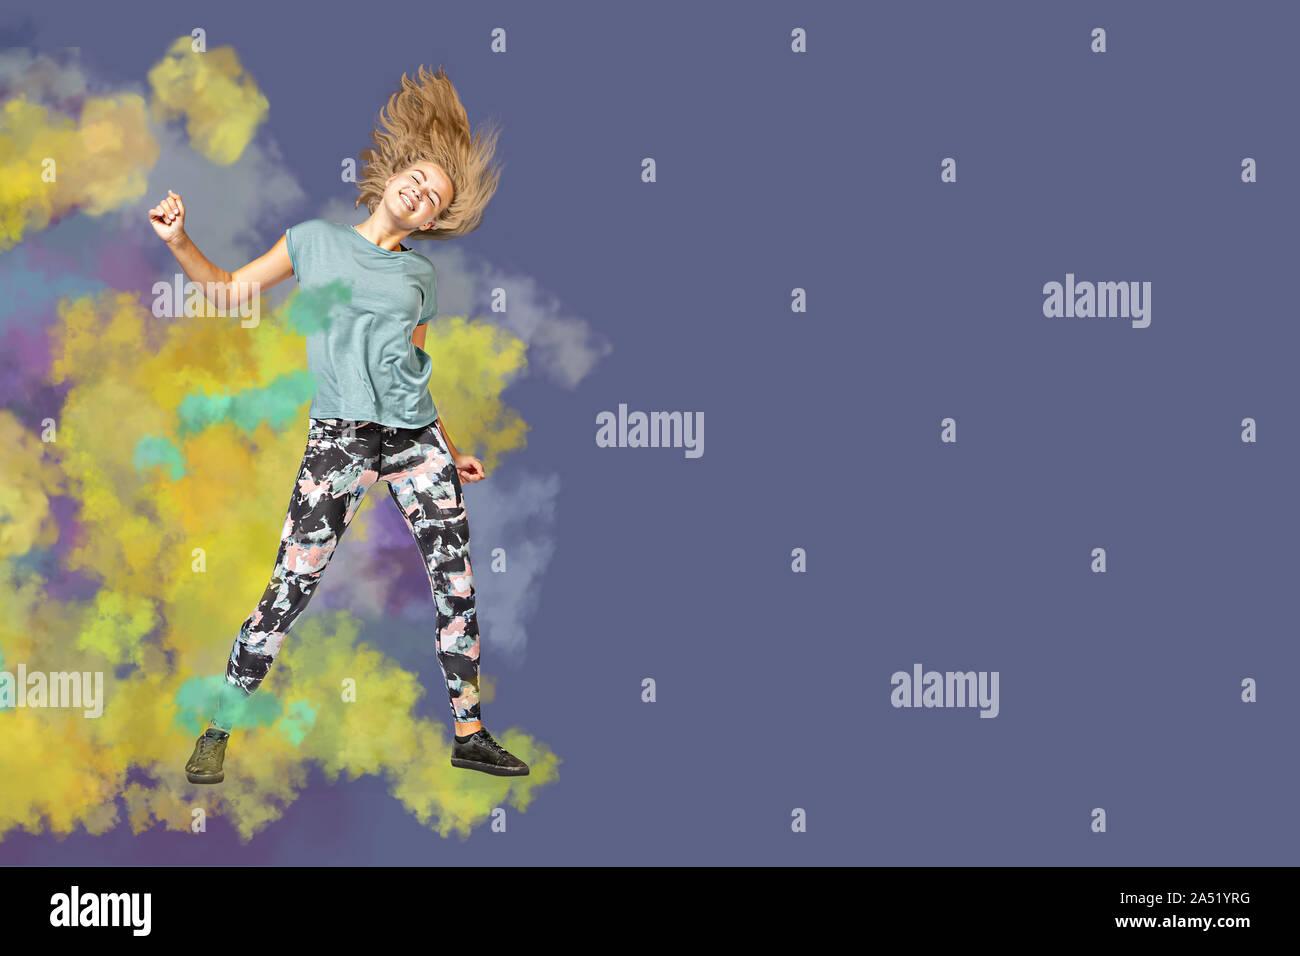 Una joven en el deporte traje de baile o gimnasia aeróbica Foto de stock